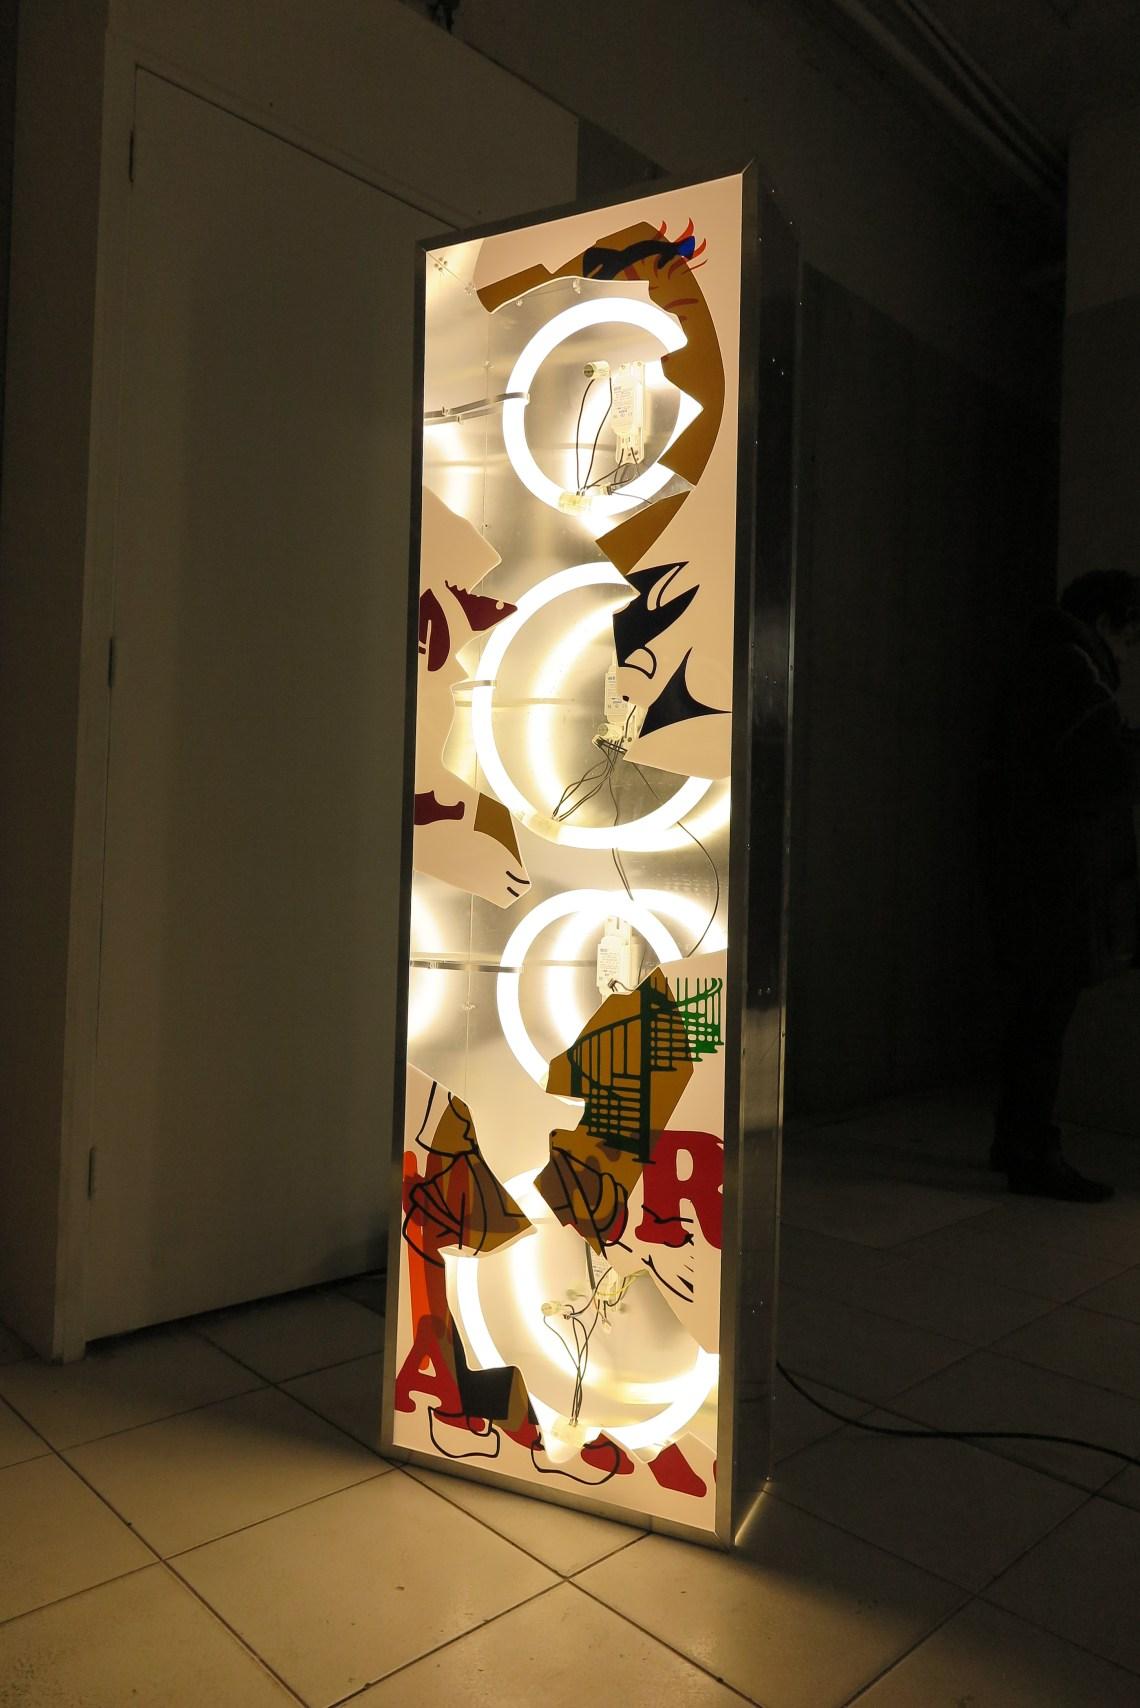 Lichtbak van Lennart de Neef